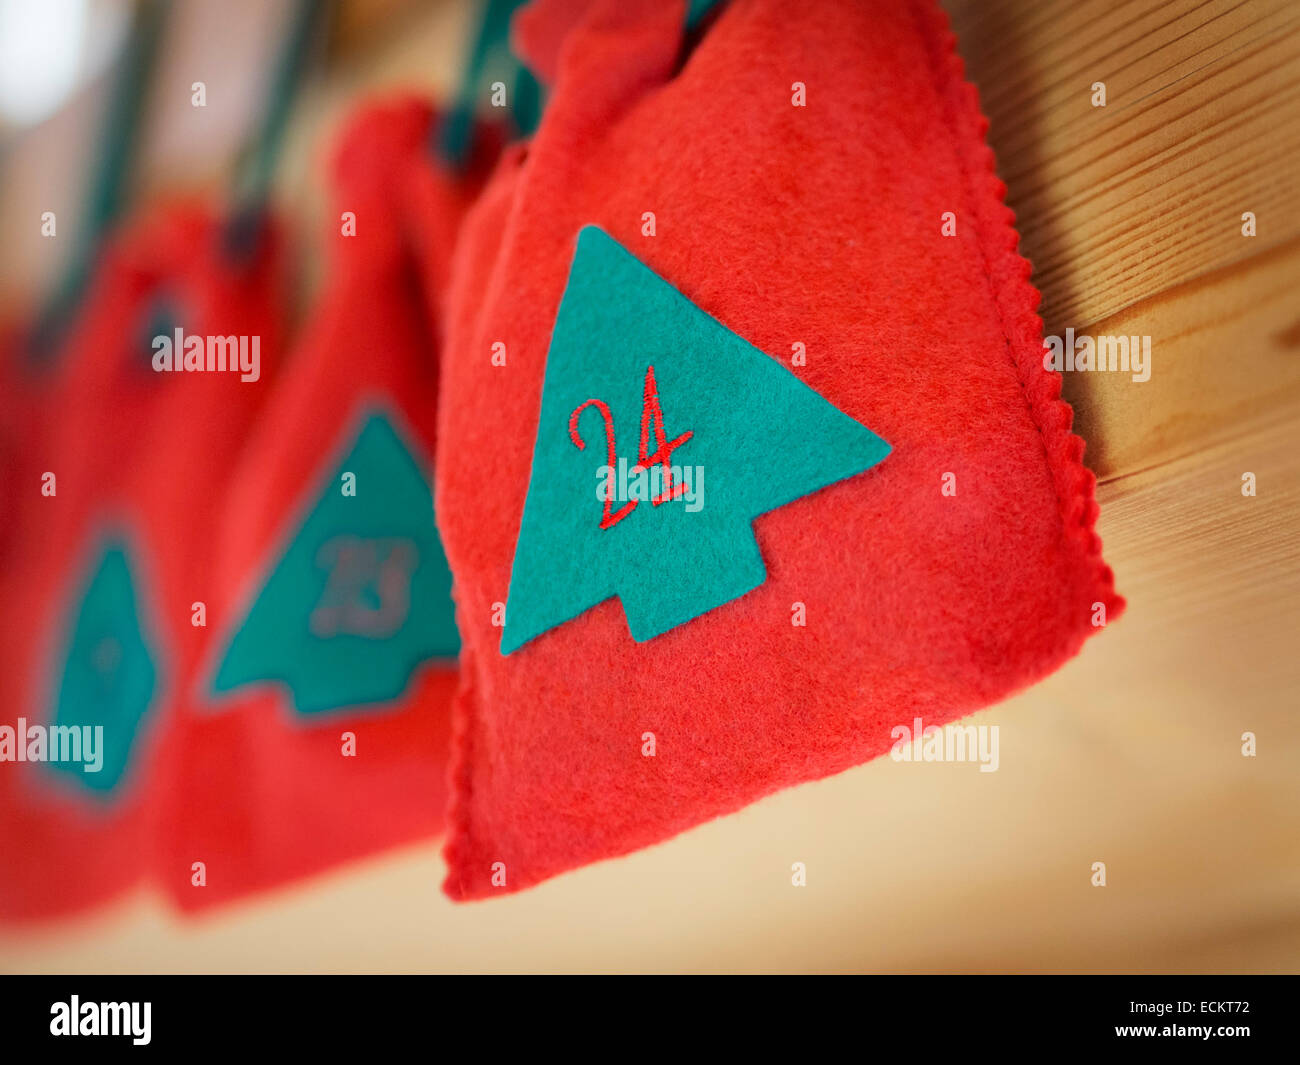 Immagine di un calendario d'Avvento con il numero 24 la vigilia di Natale Immagini Stock